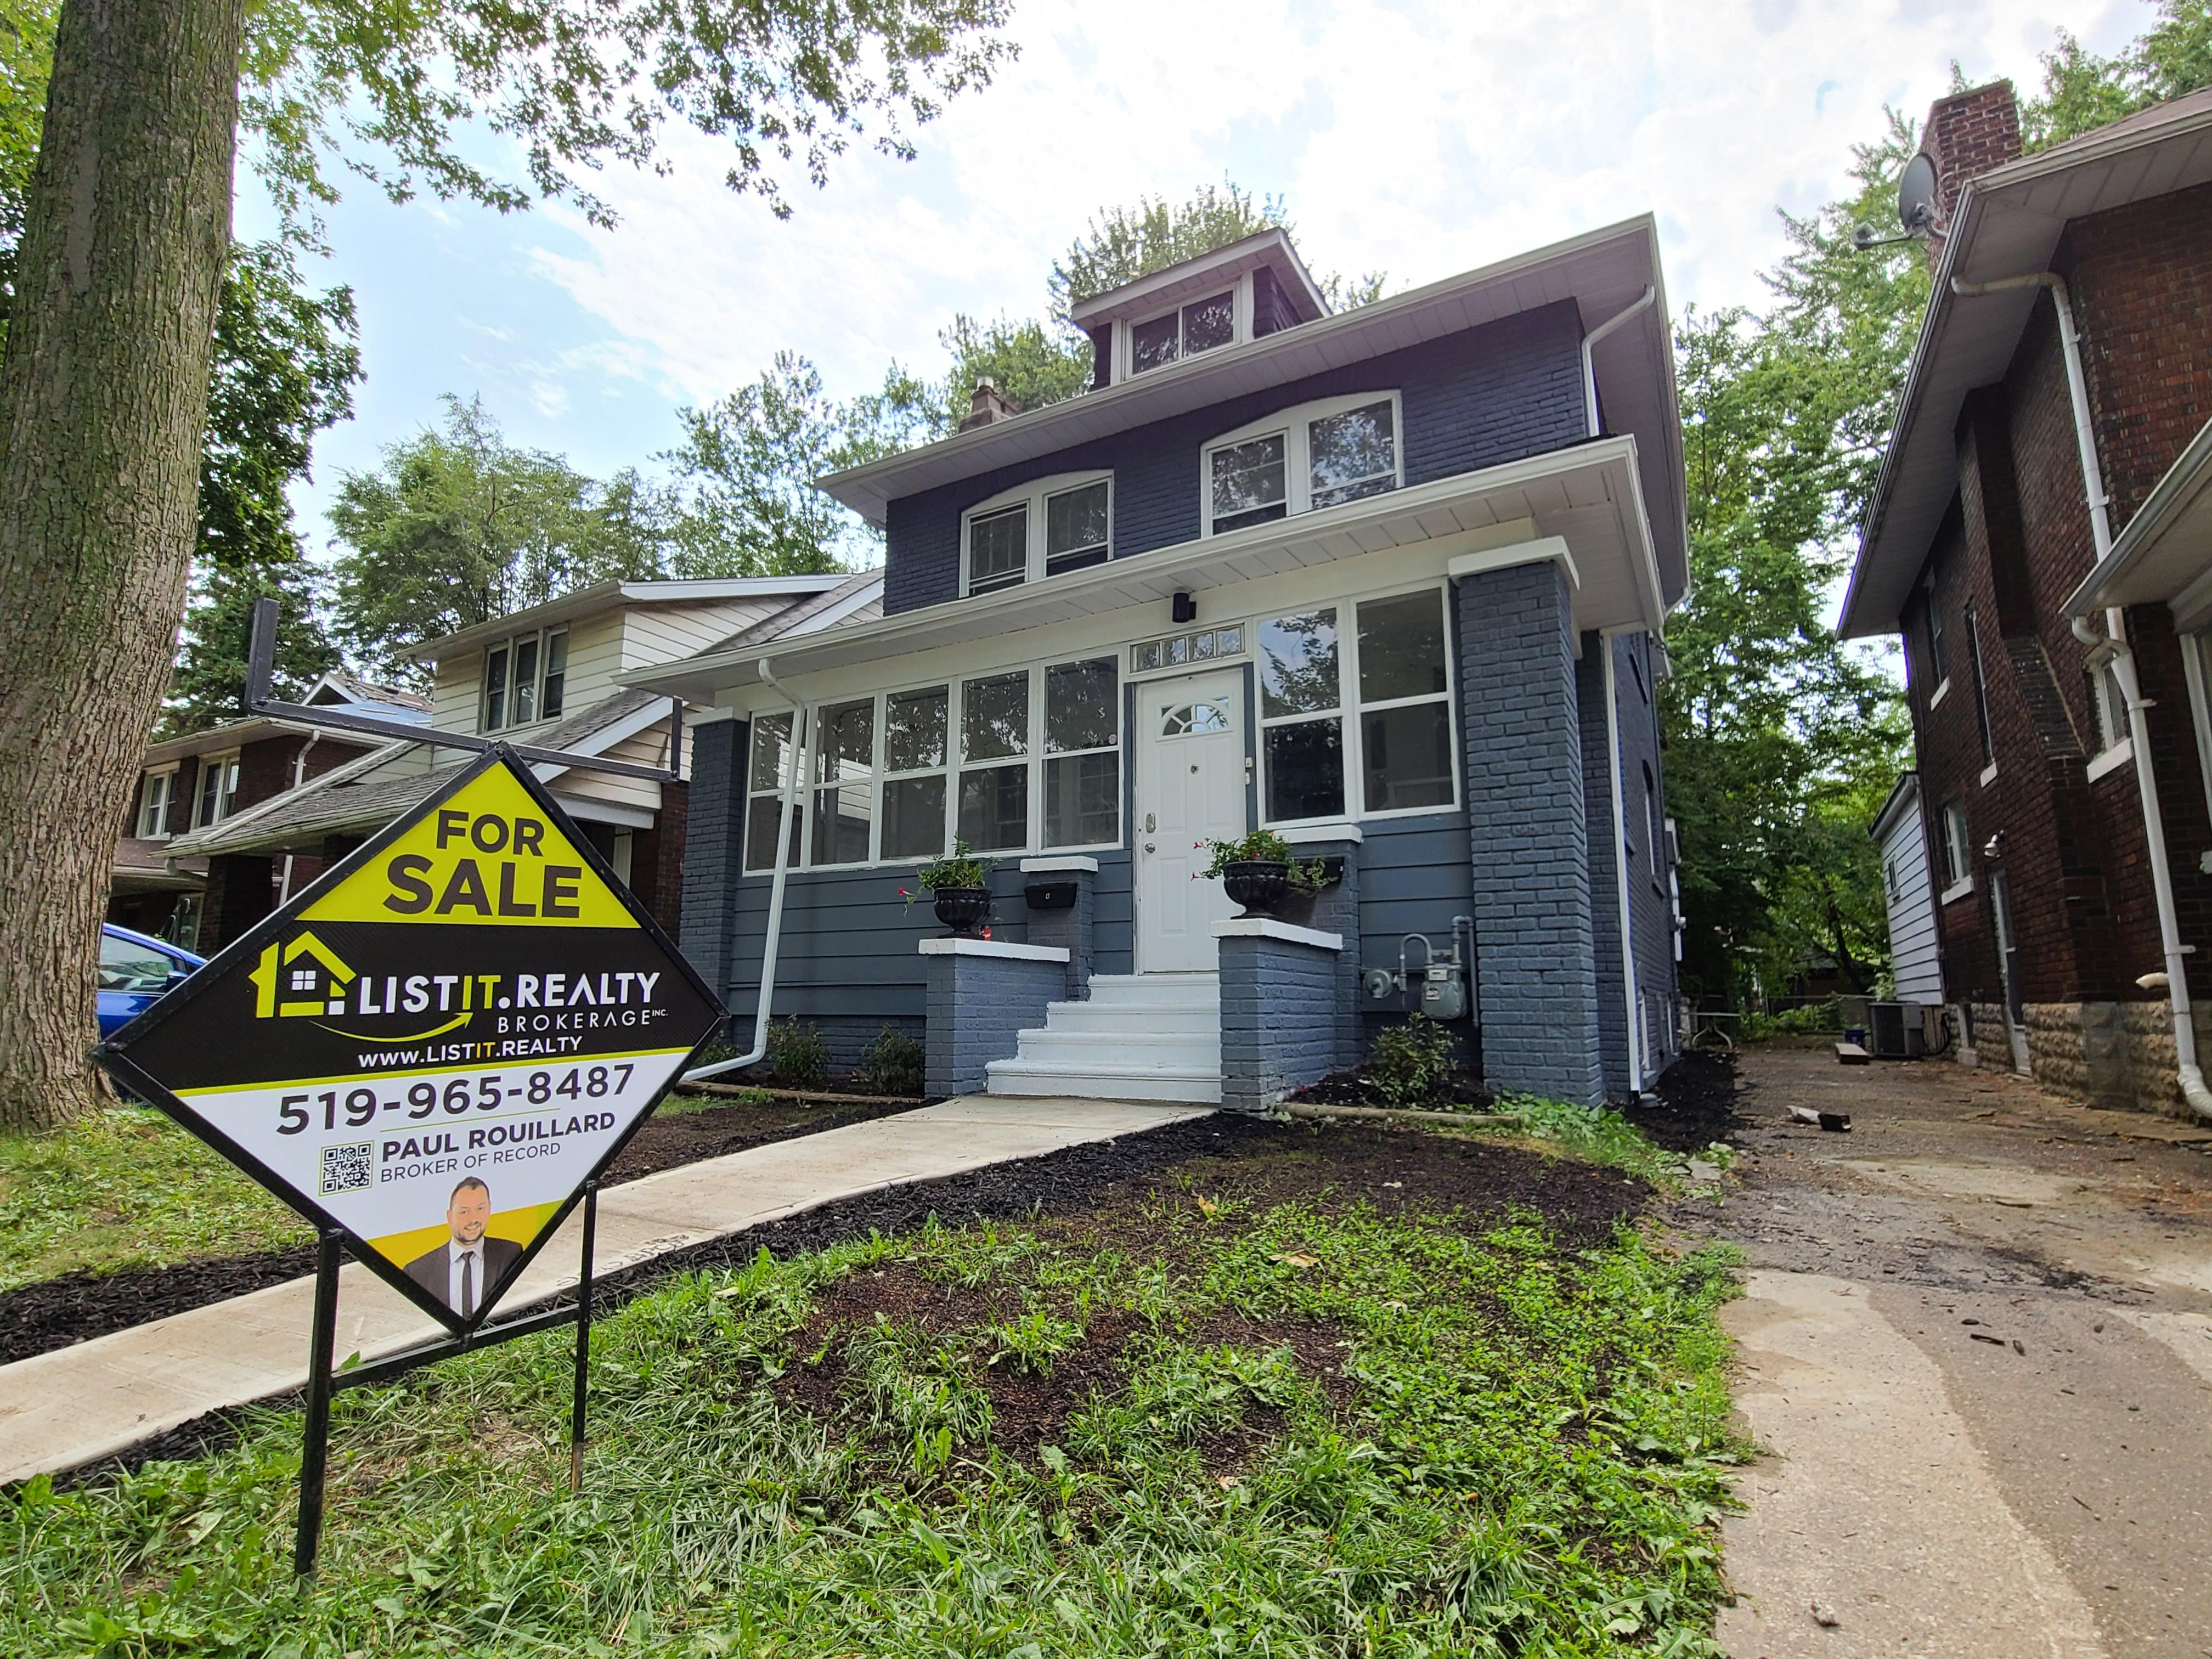 369 Indian Rd , Windsor, Ontario  N9C 2M1 - Photo 1 - RP5784294476